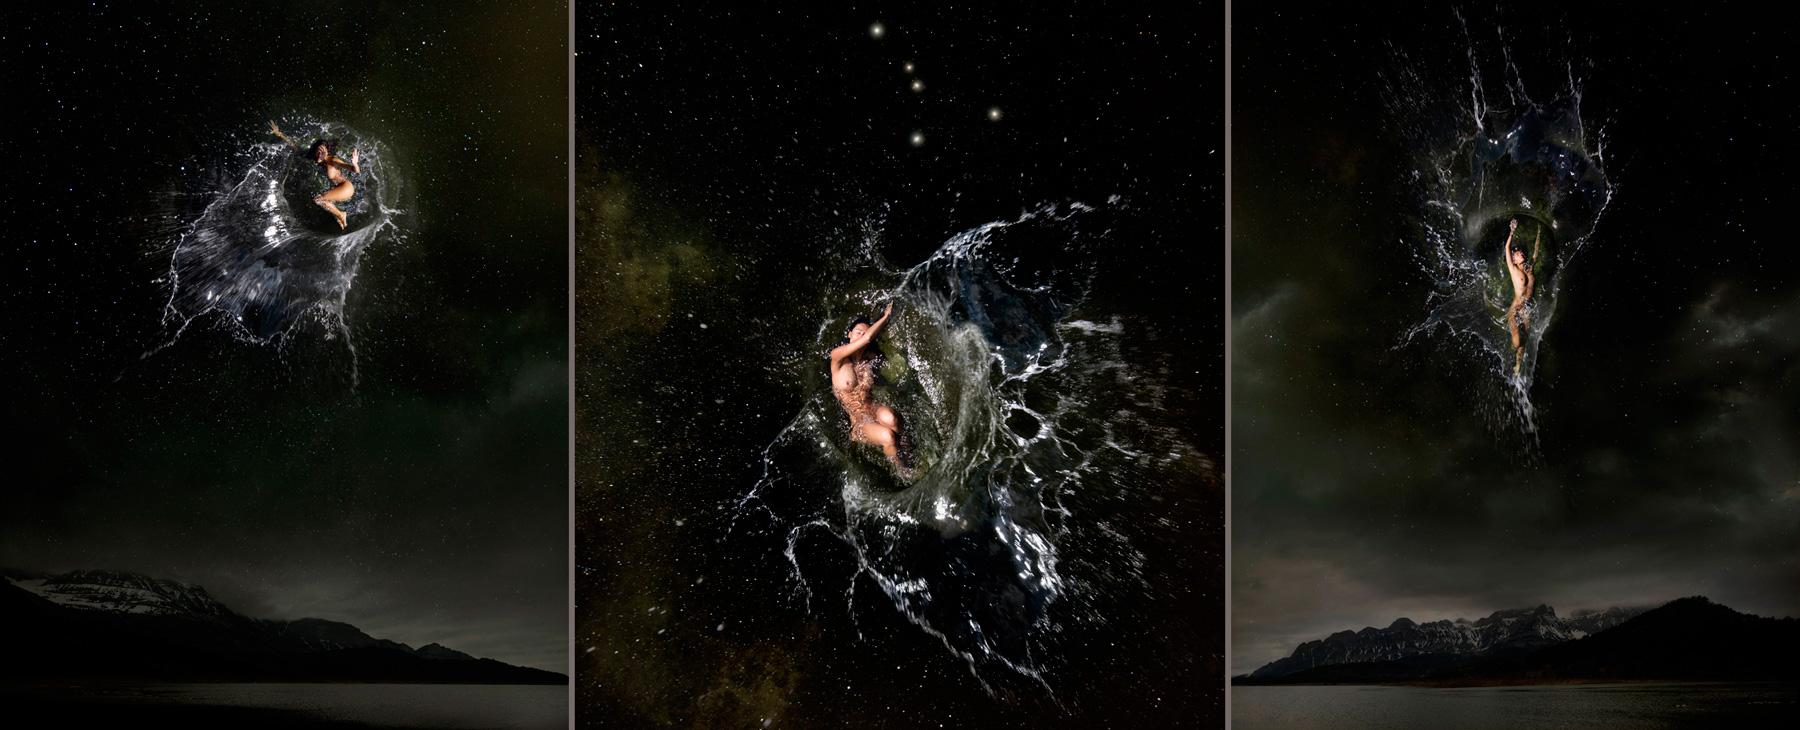 EUFONÍA de la Constelación de CANCER. Fotografía digital nocturna y acuática. Configuración y retoque digitales